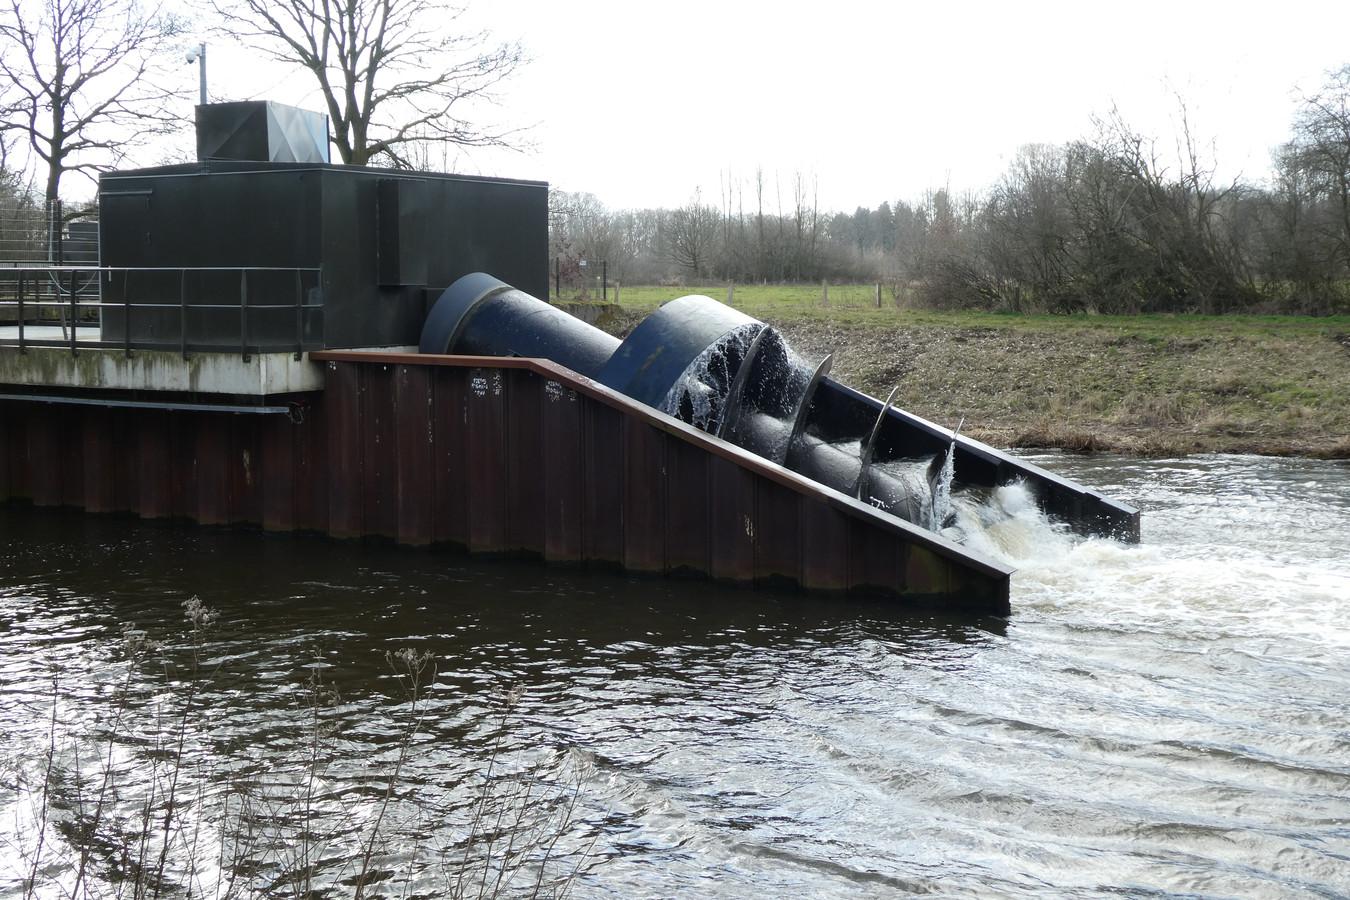 Dit is géén aquathermie, maar stroom opwekken met een turbine, zoals hier in de Dommel in Gestel.